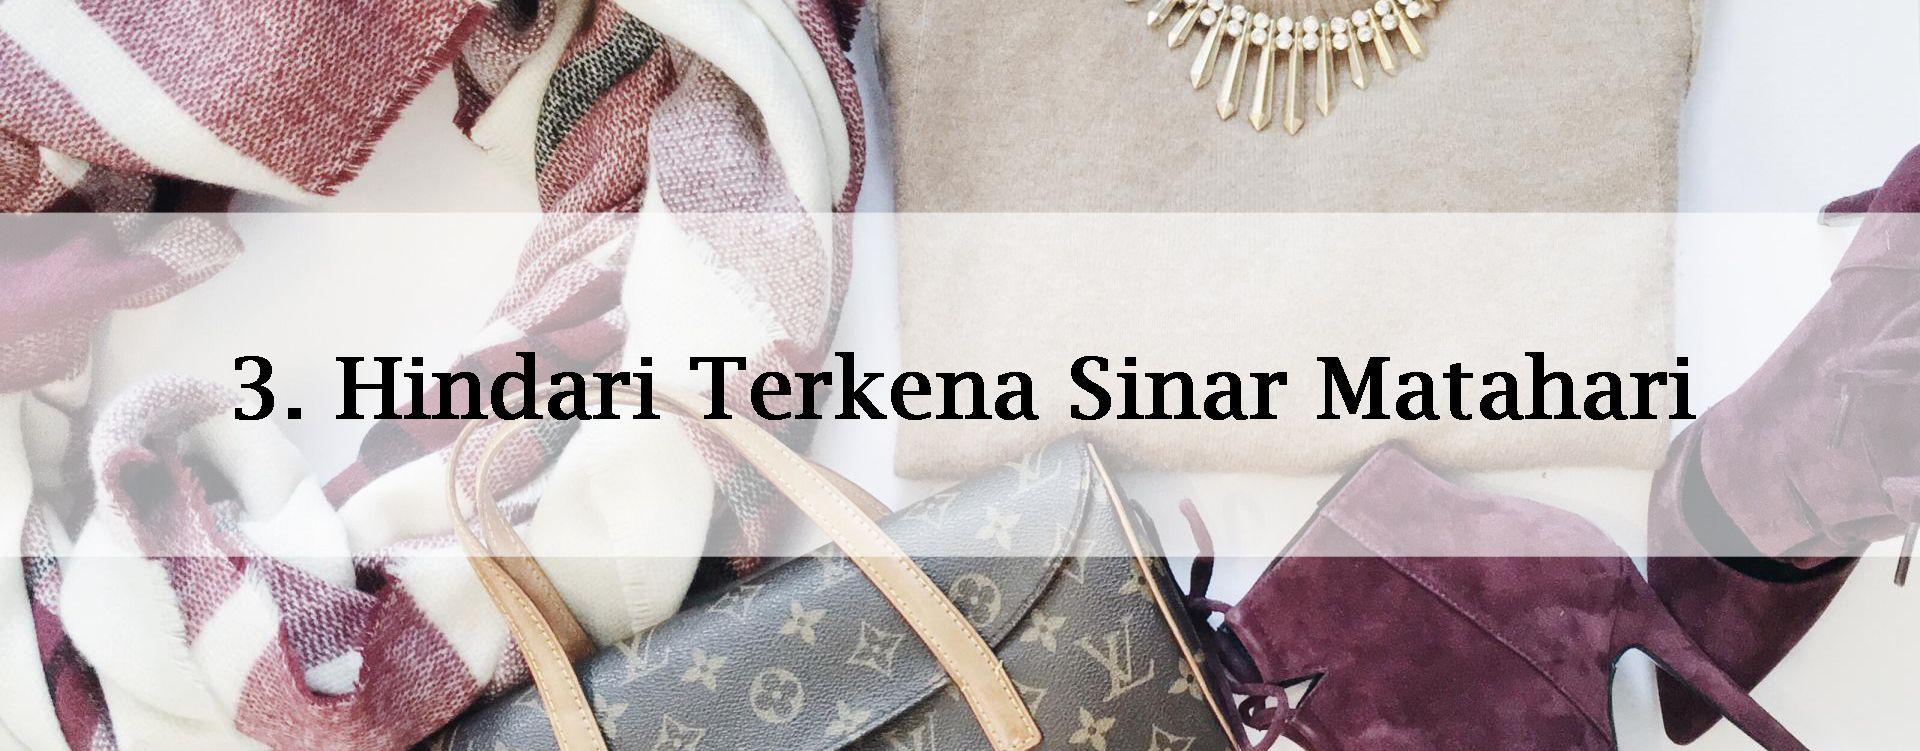 Tips Mencuci Hijab Katun Agar Awet dan Warna Tidak Cepat Pudar